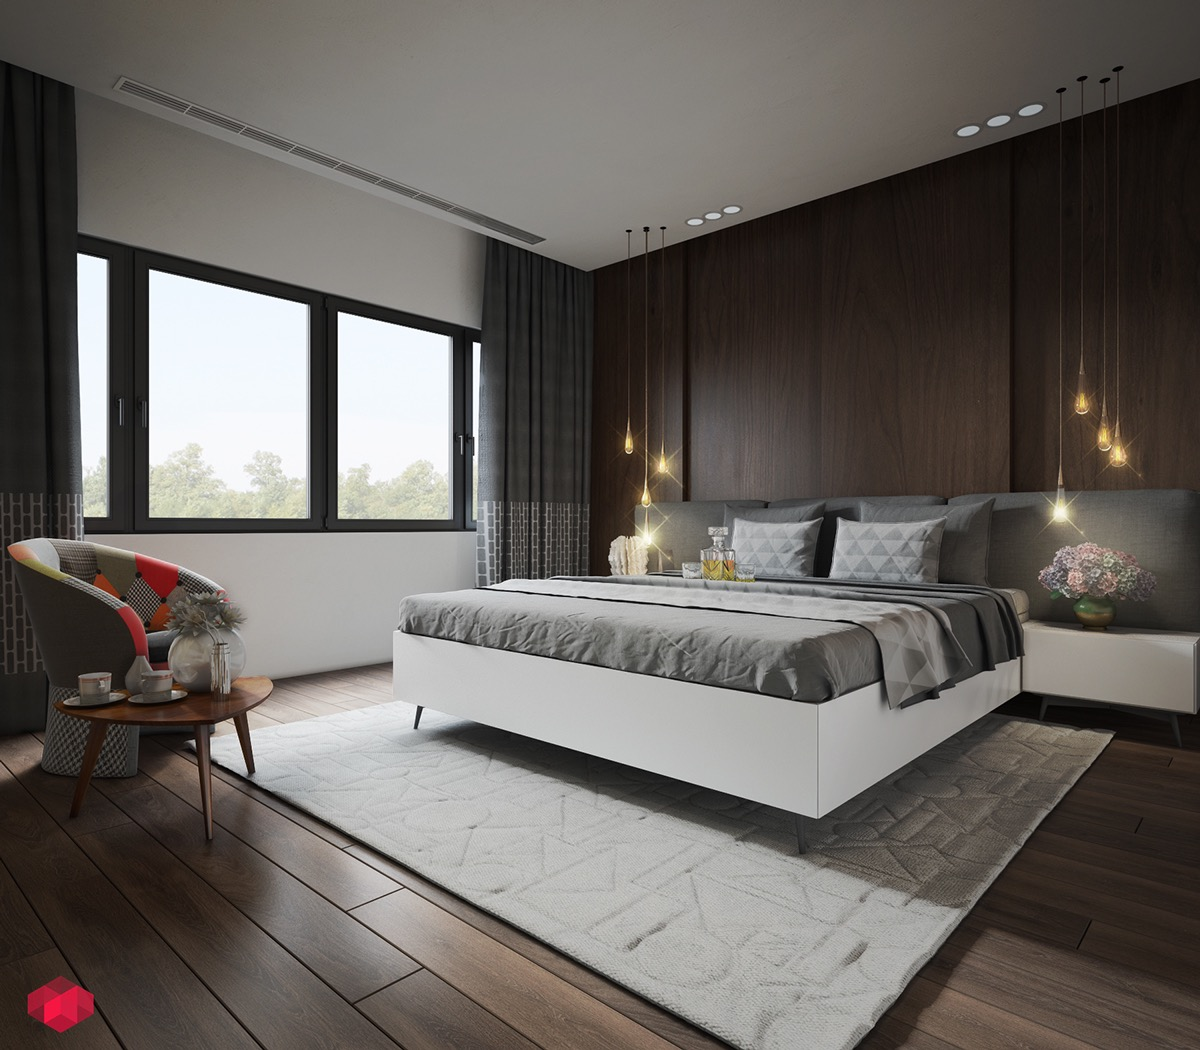 thiết kế phòng ngủ nhỏ đẹp 35